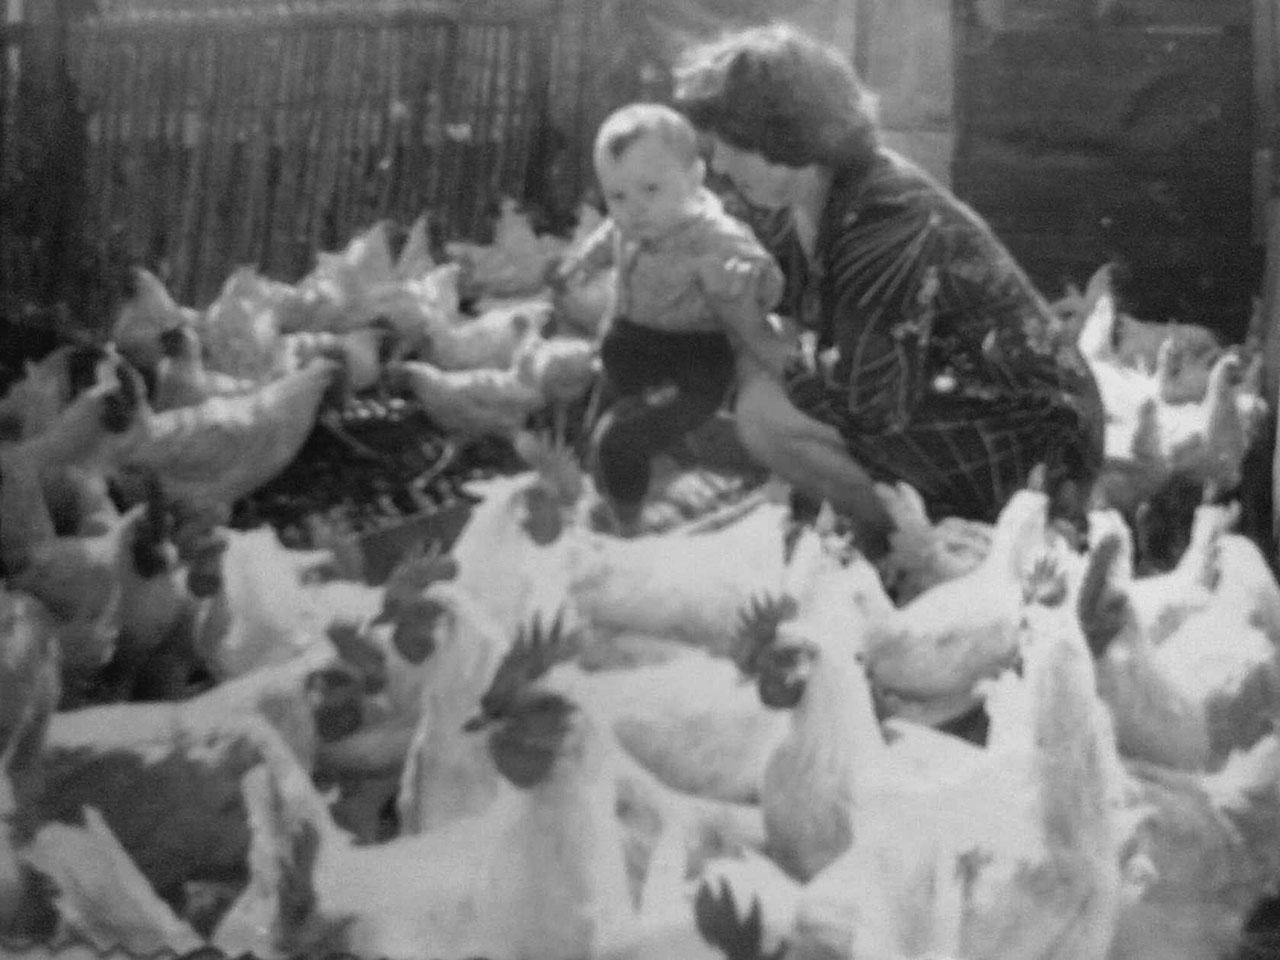 Валентина Терещенко (Лайтарук) в своем подворье. Посёлок Центральный. 1980 год.